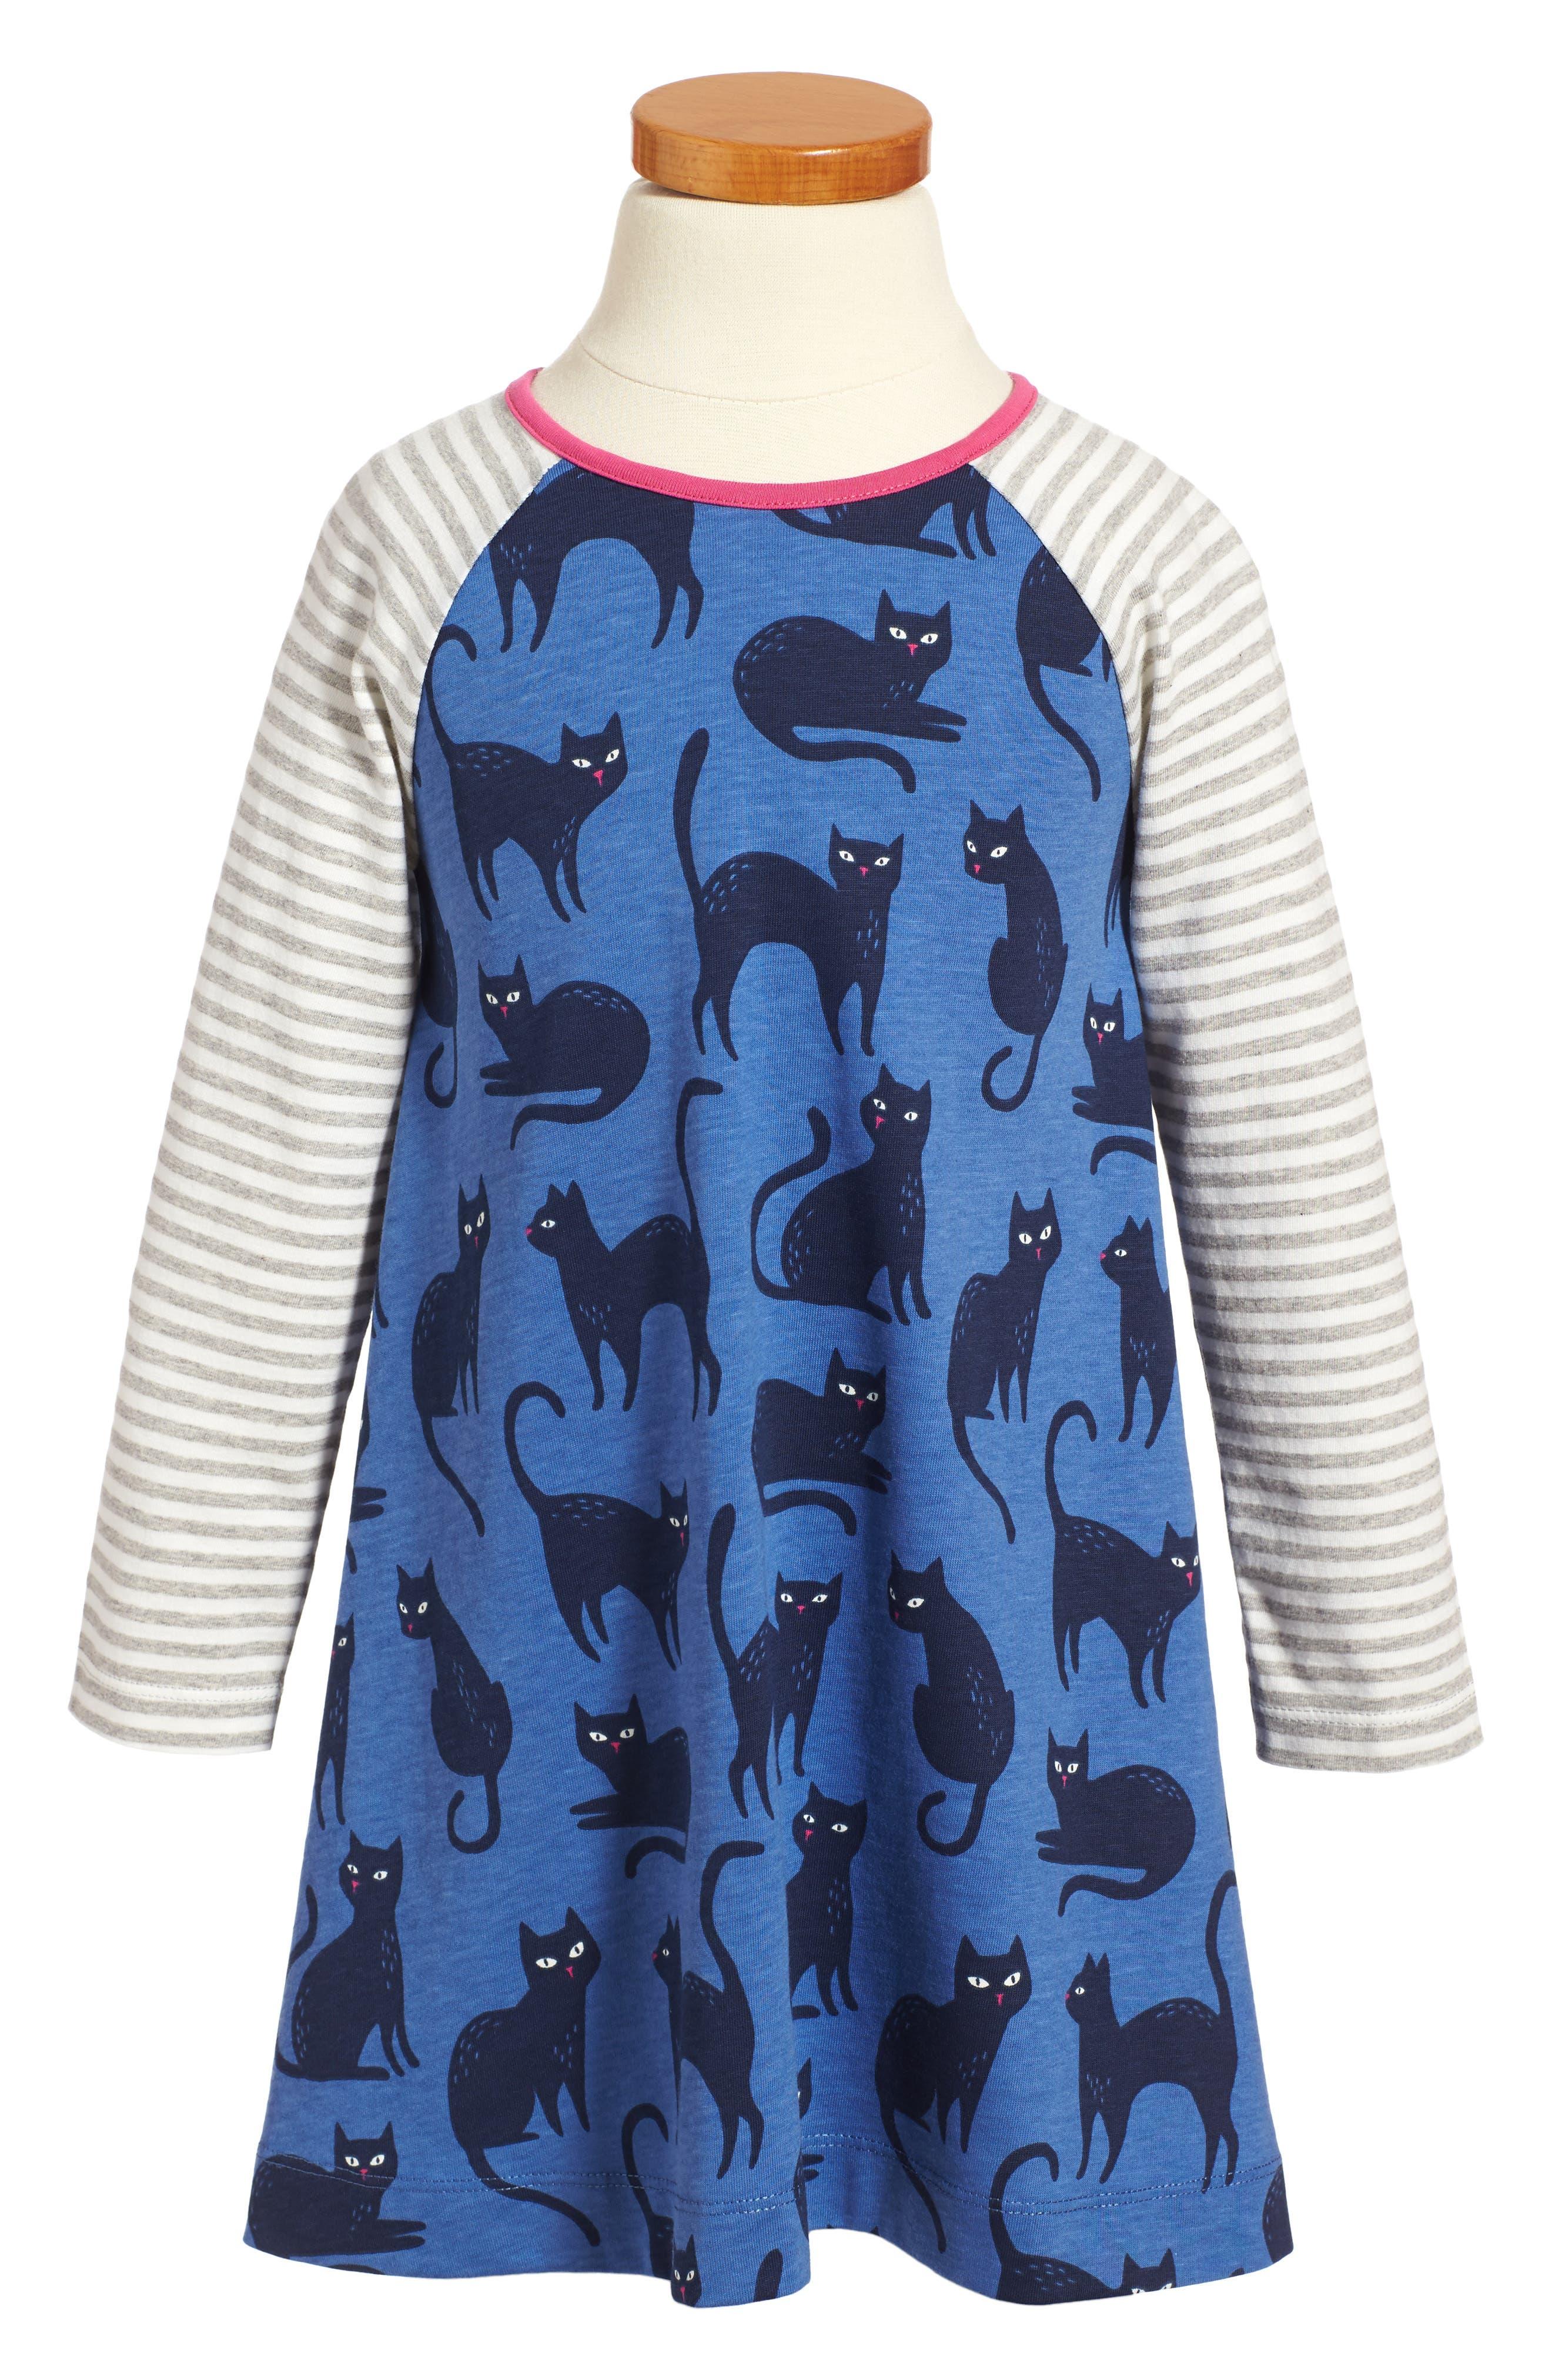 Cat Glow in the Dark Dress,                             Main thumbnail 1, color,                             404